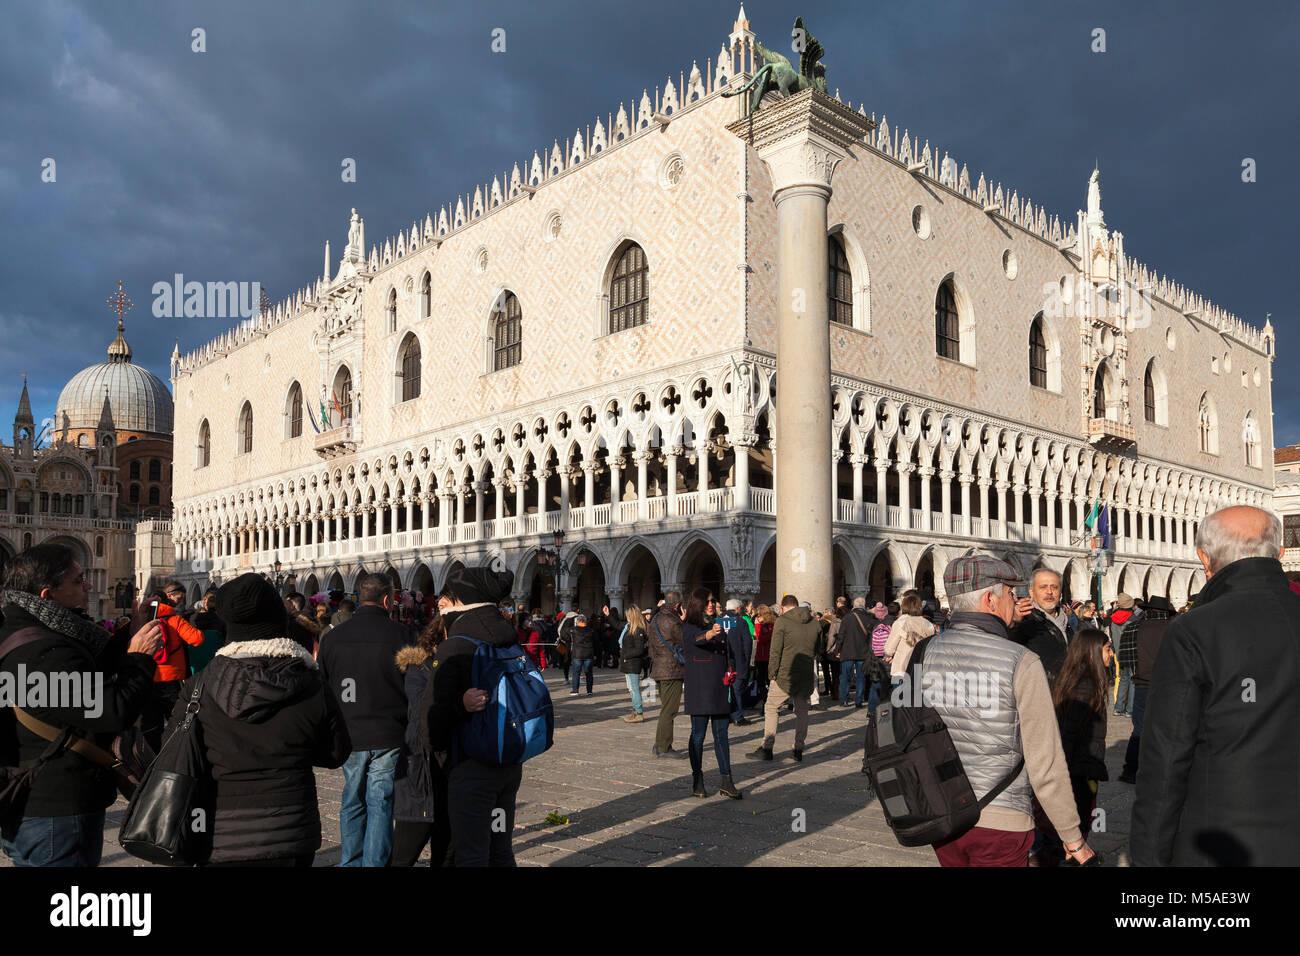 Dramatische Lichtstrahl auf die Dogen Palast, Venedig, Italien wie ein Sturm Ansätze mit Ominösen grauen Wolke und Stockfoto